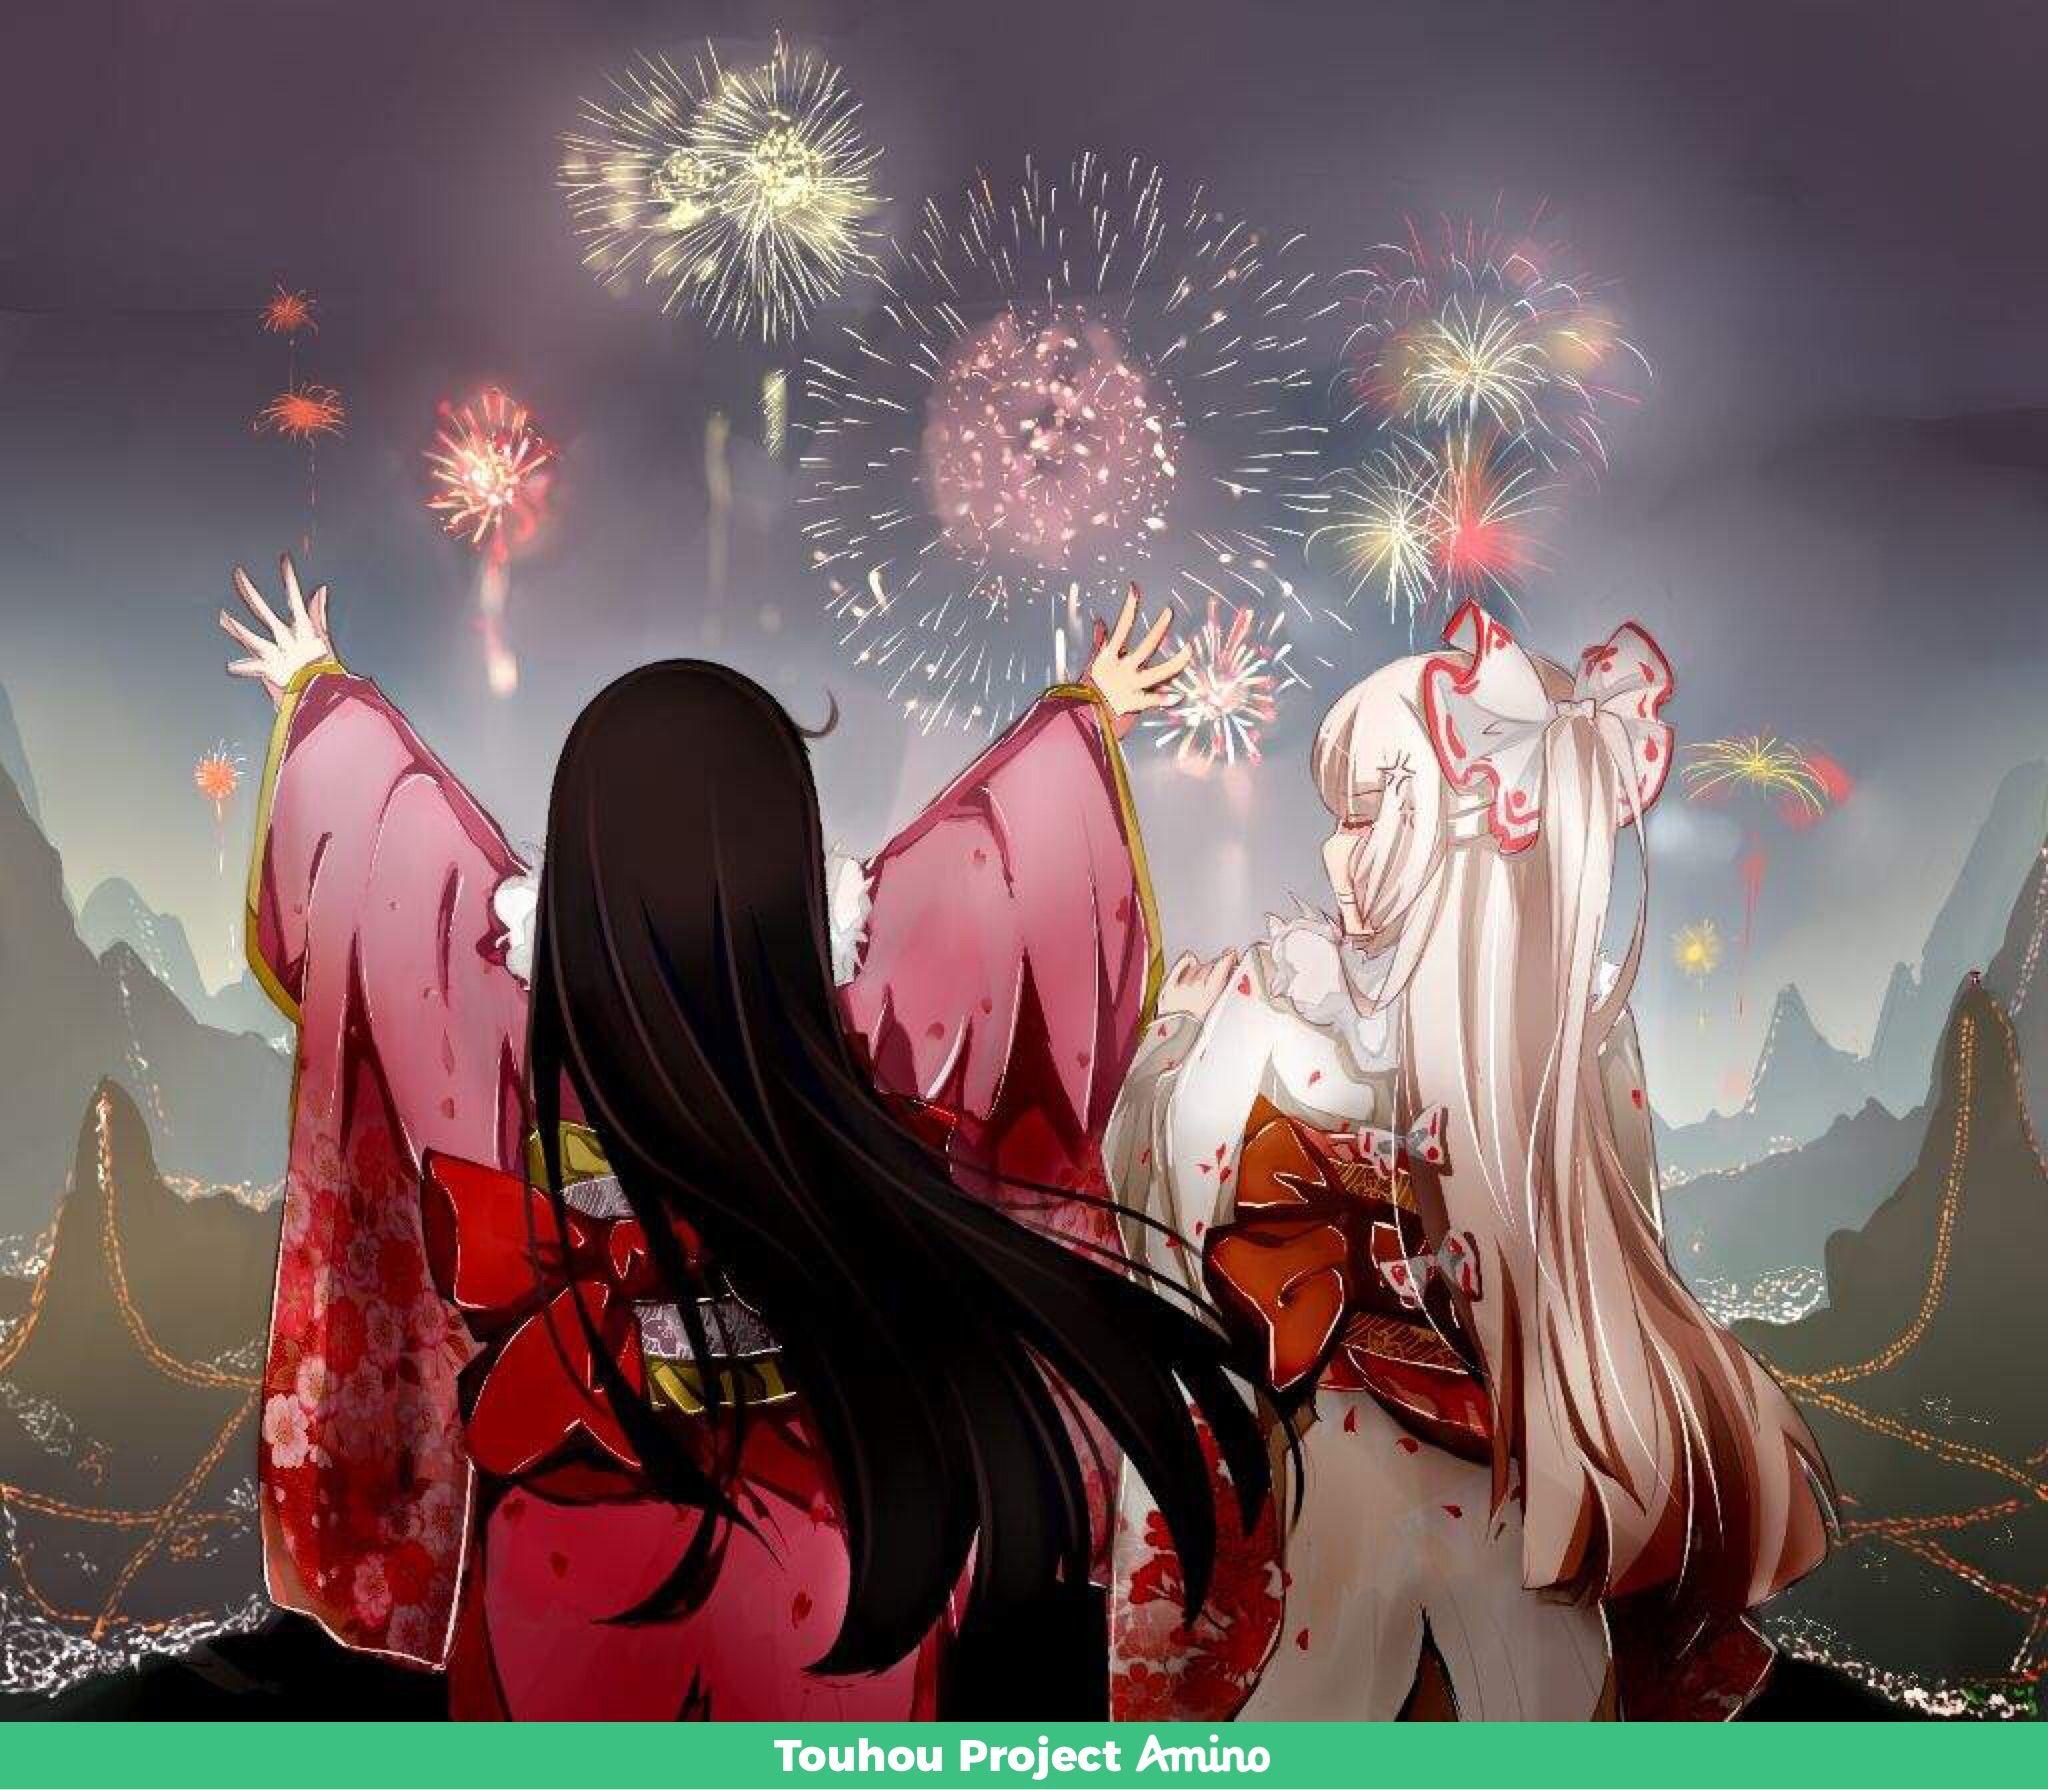 kaguya mokou and lots of fireworks 東方 かわいい イラスト 妹紅